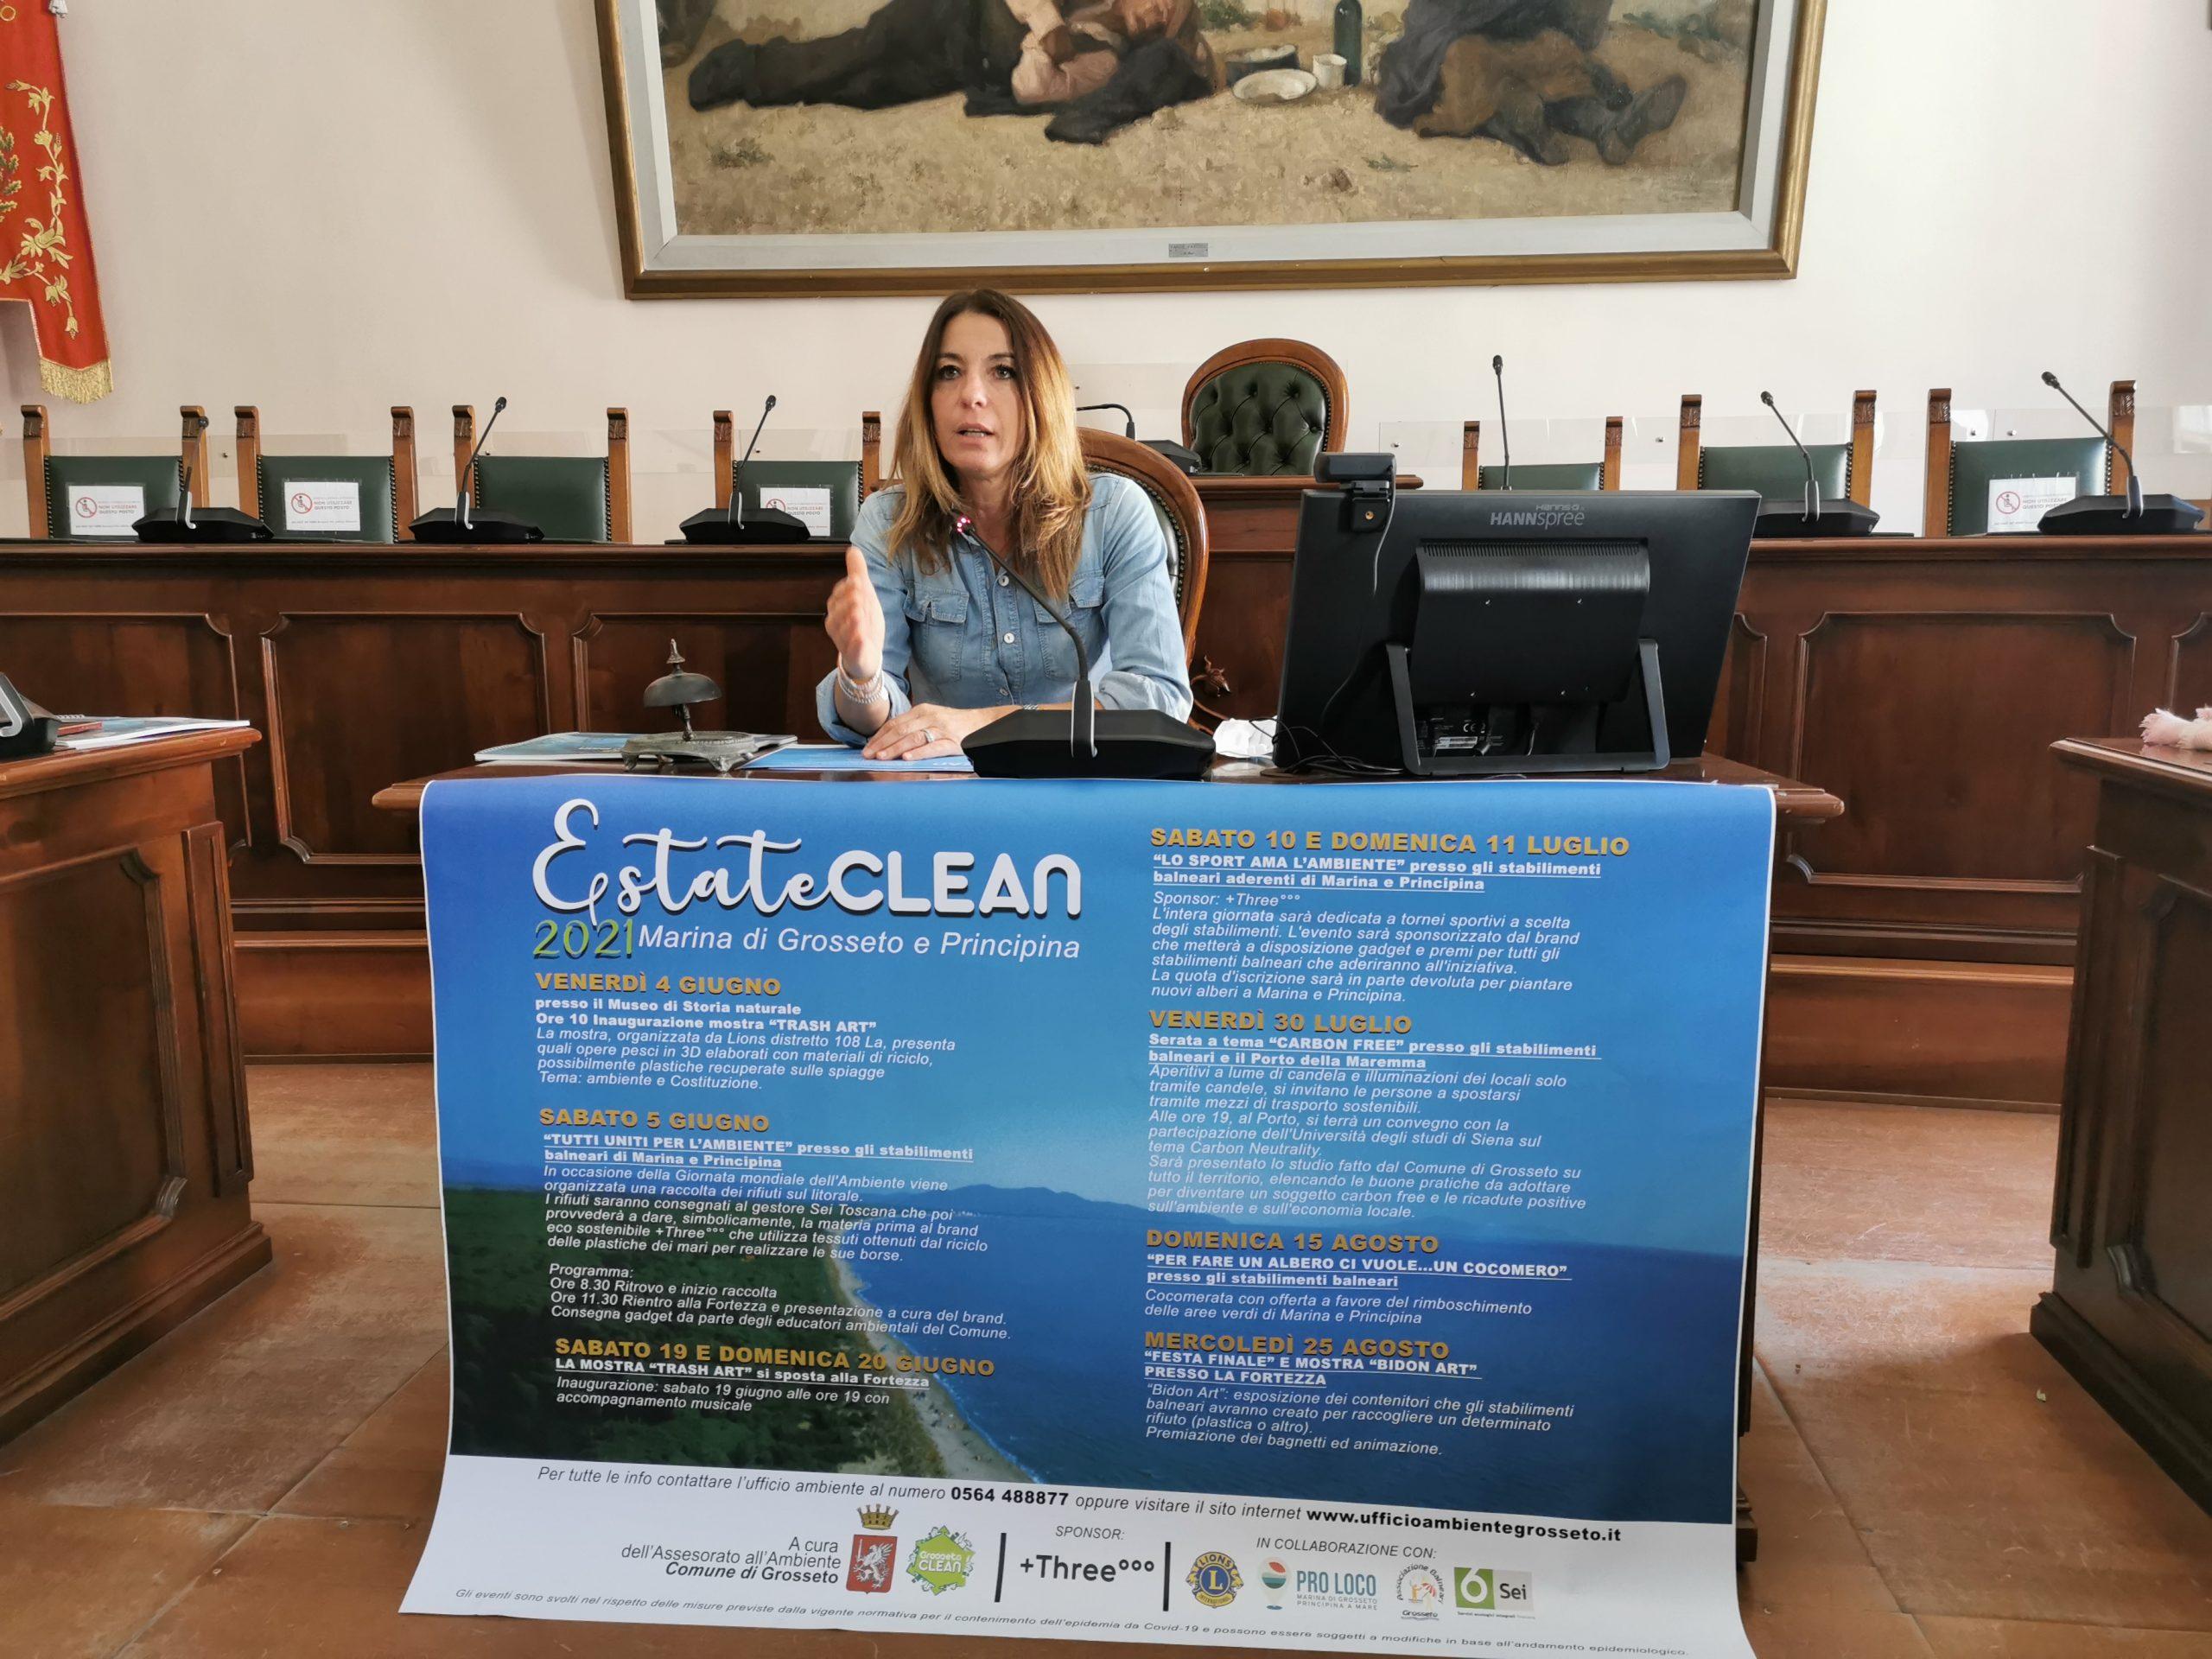 comune-di-grosseto-presentazione-estate-clean